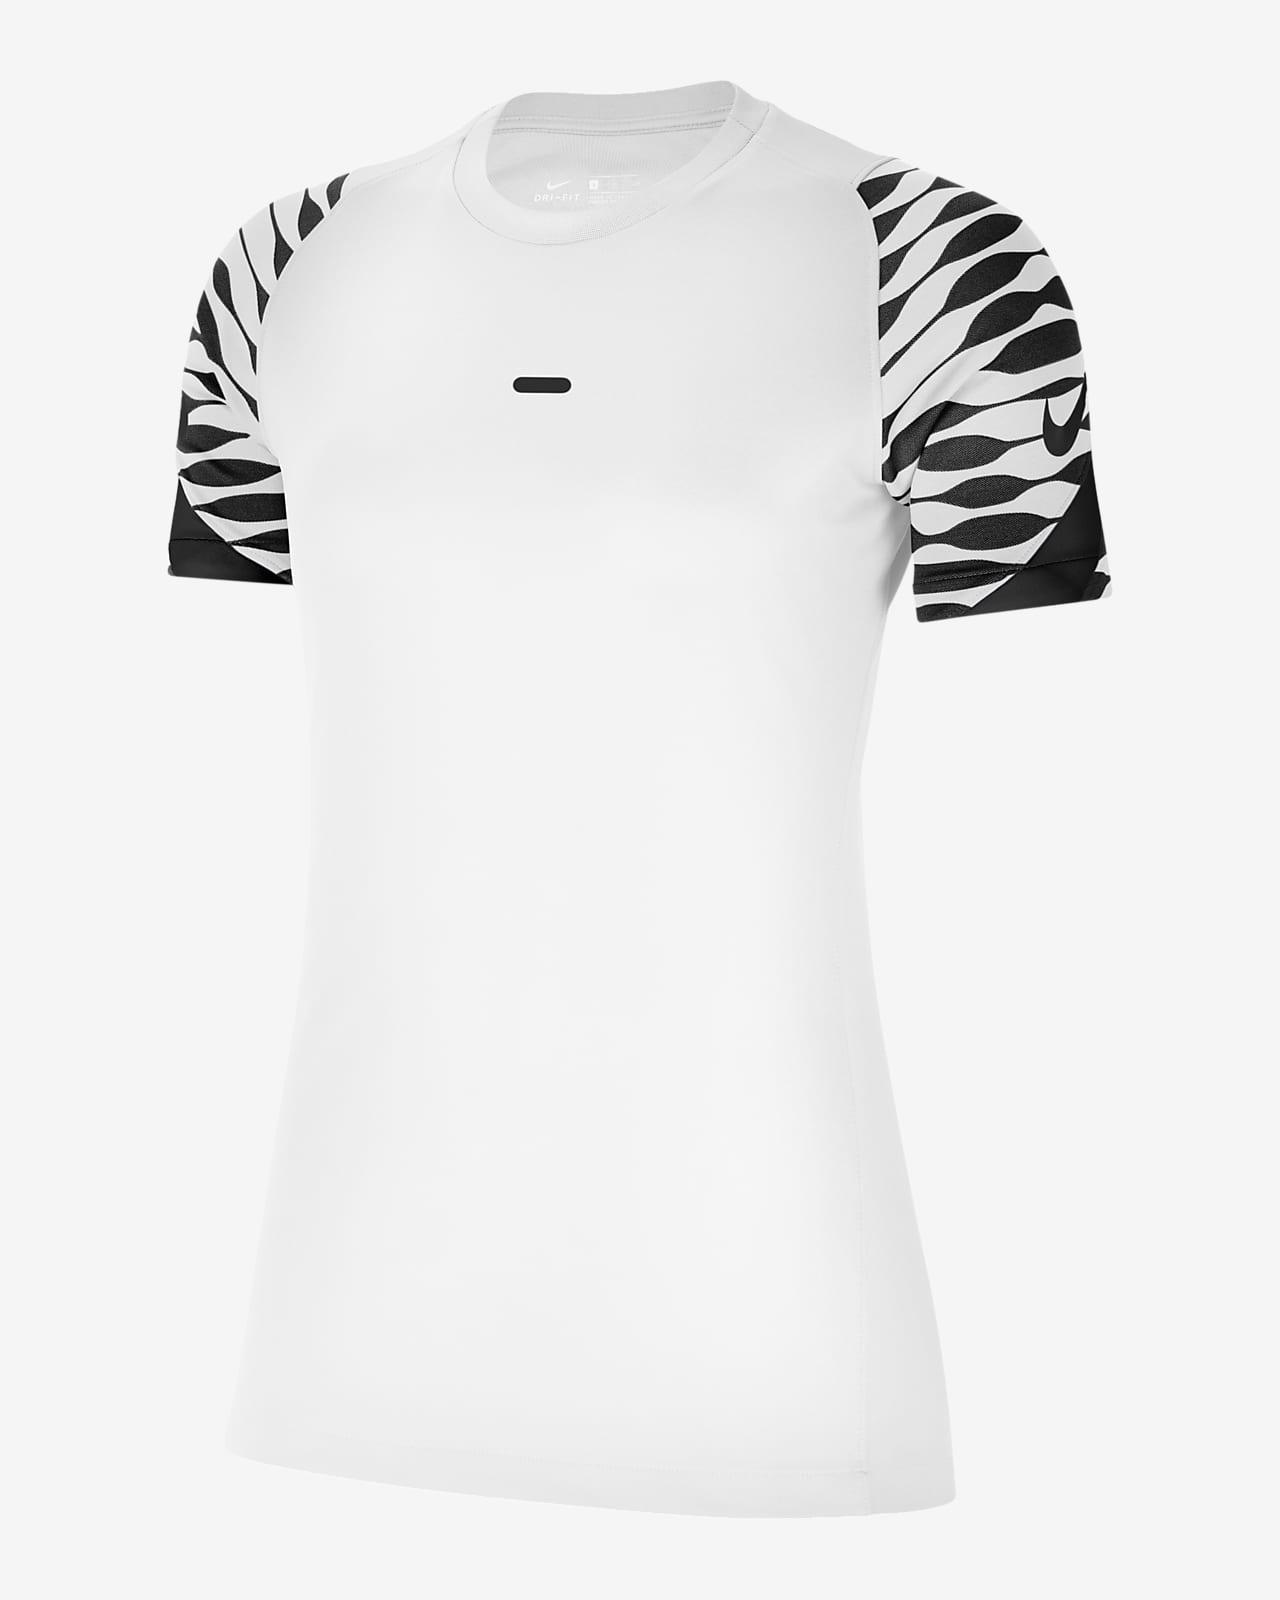 Γυναικεία κοντομάνικη ποδοσφαιρική μπλούζα Nike Dri-FIT Strike